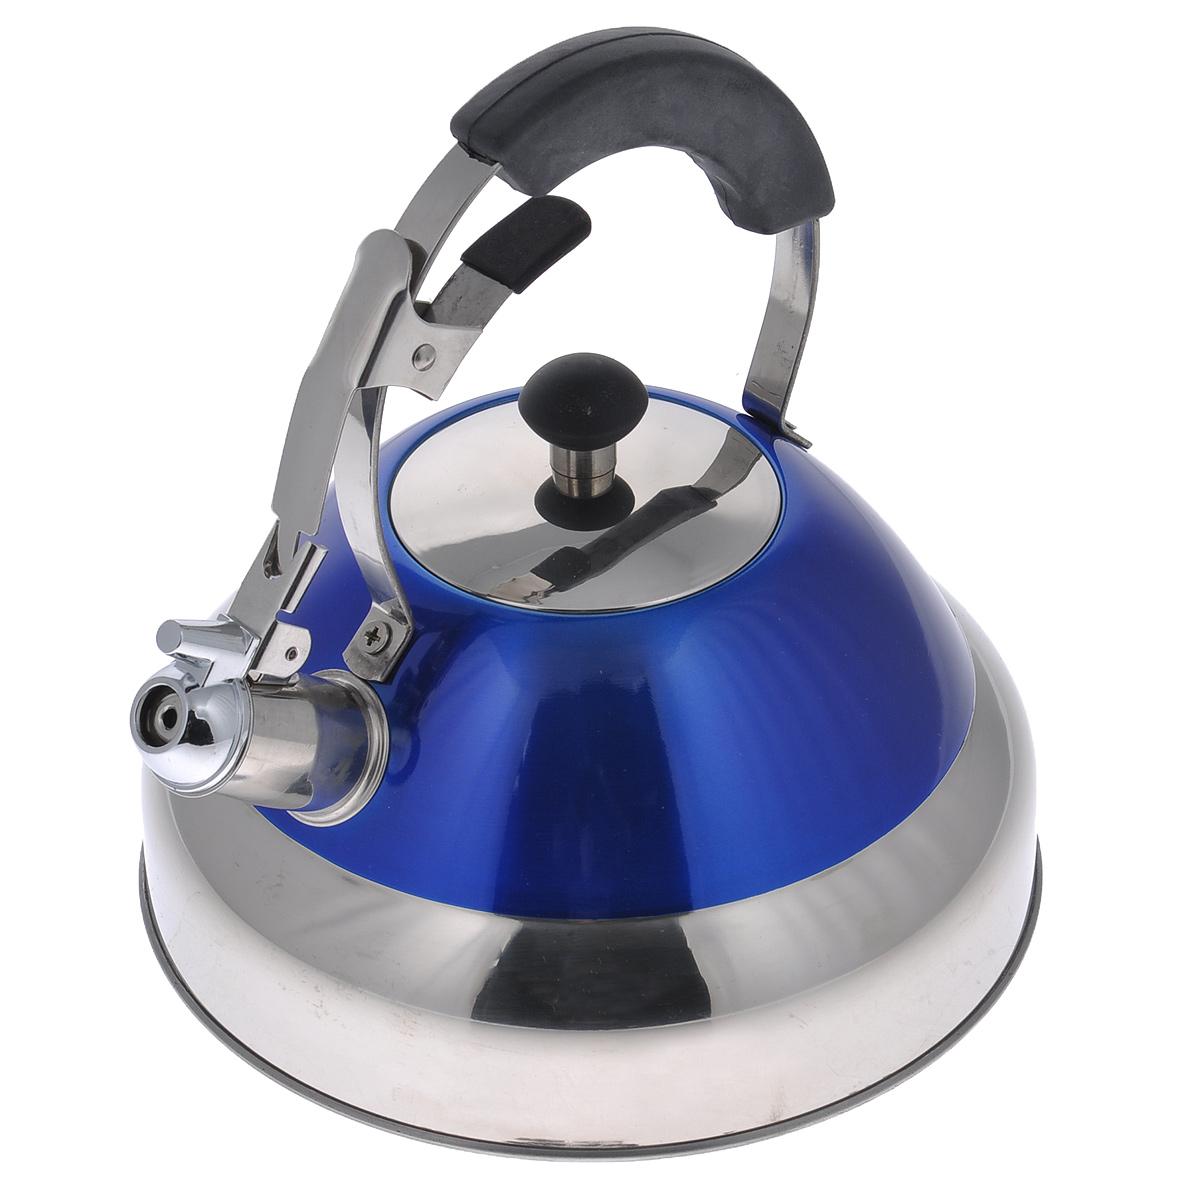 Чайник Bekker De Luxe со свистком, цвет: синий, 2,7 л. BK-S423FS-91909Чайник Bekker De Luxe выполнен из высококачественной нержавеющей стали, что обеспечивает долговечность использования. Внешнее цветное эмалевое покрытие придает приятный внешний вид. Металлическая фиксированная ручка с силиконовым покрытием делает использование чайника очень удобным и безопасным. Чайник снабжен свистком и устройством для открывания носика. Изделие оснащено капсулированным дном для лучшего распространения тепла.Можно мыть в посудомоечной машине. Пригоден для всех видов плит кроме индукционных. Высота чайника (без учета крышки и ручки): 11 см.Высота чайника (с учетом ручки): 24 см. Диаметр основания: 22,5 см.